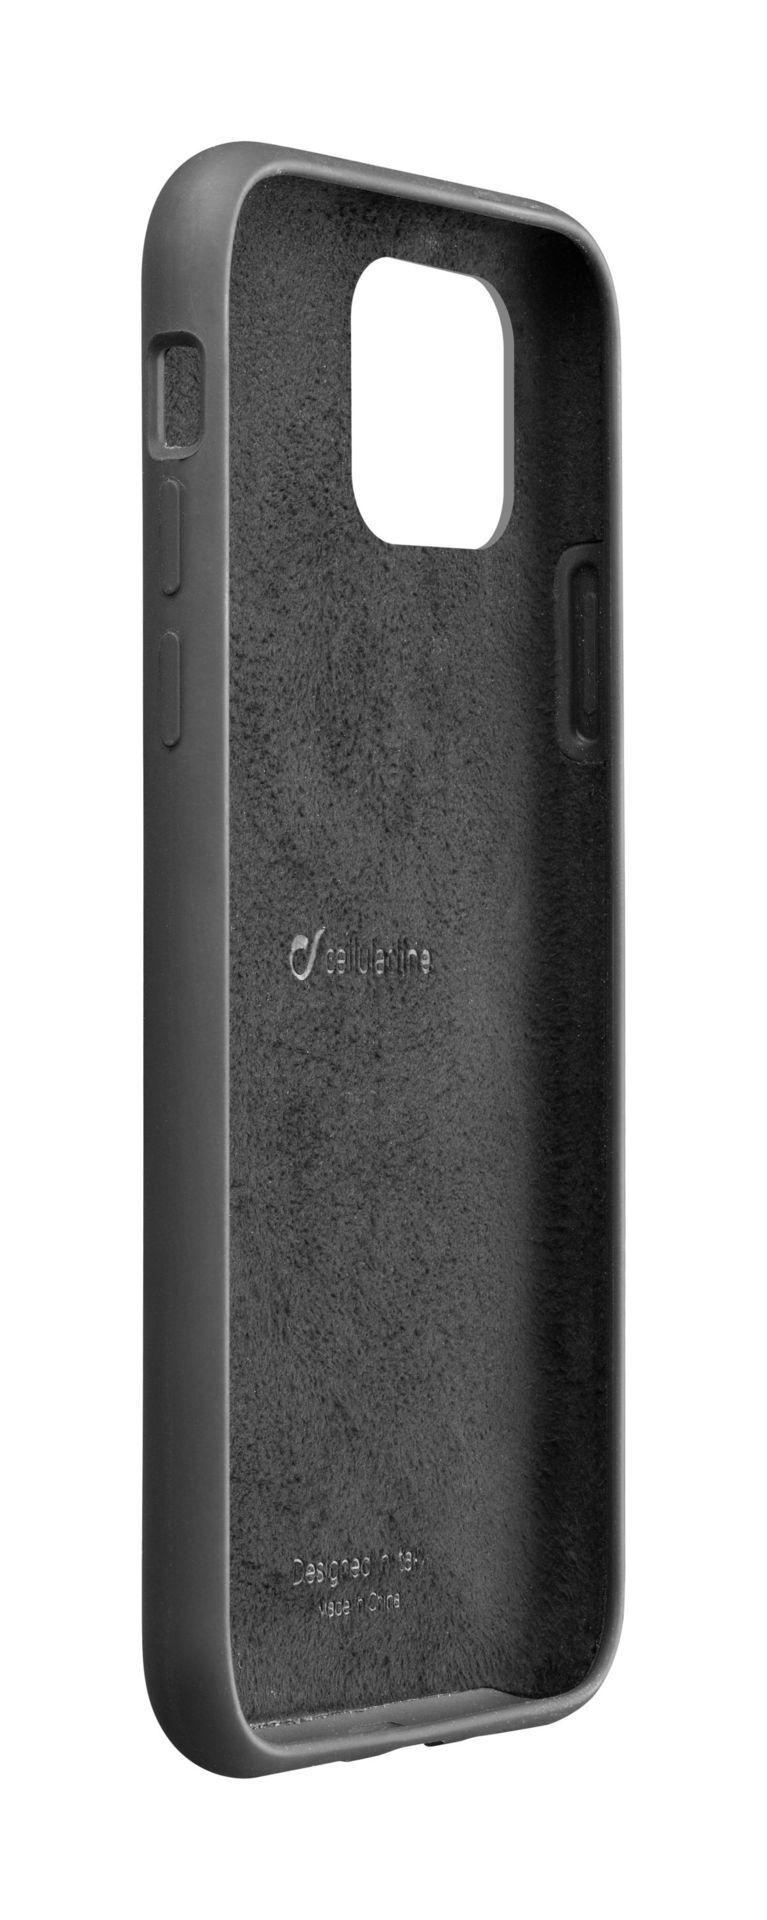 Калъф за iPhone 11 Cellularline - Sensation, черен - 2